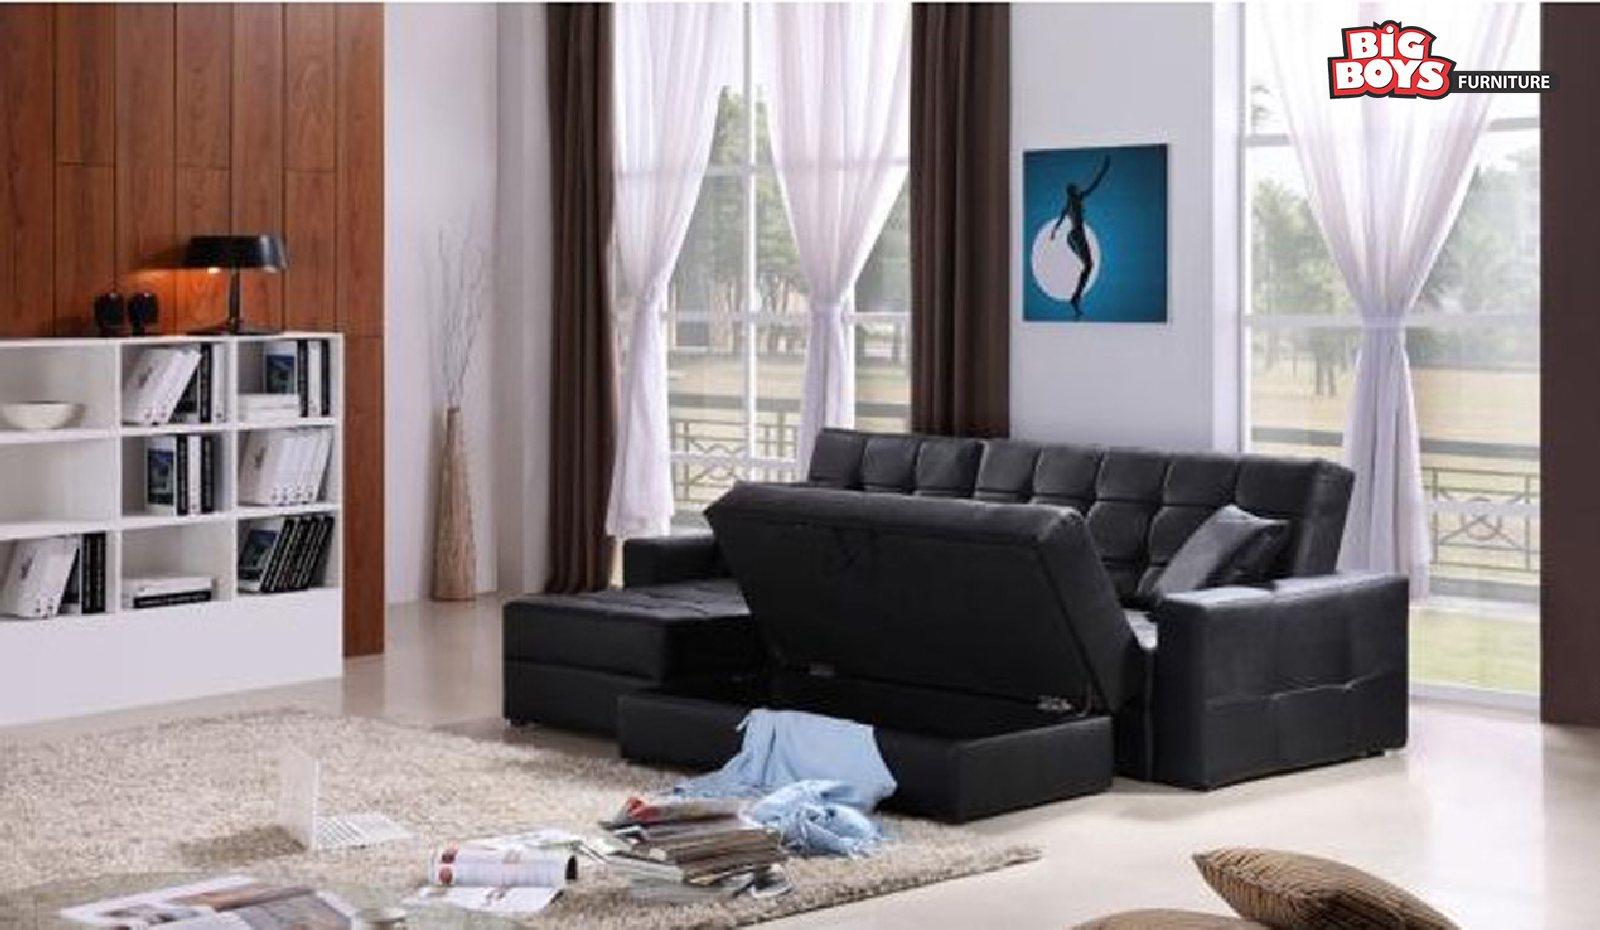 Sofa cum bed Big-Boys-Furniture-Delta-8020-1-1